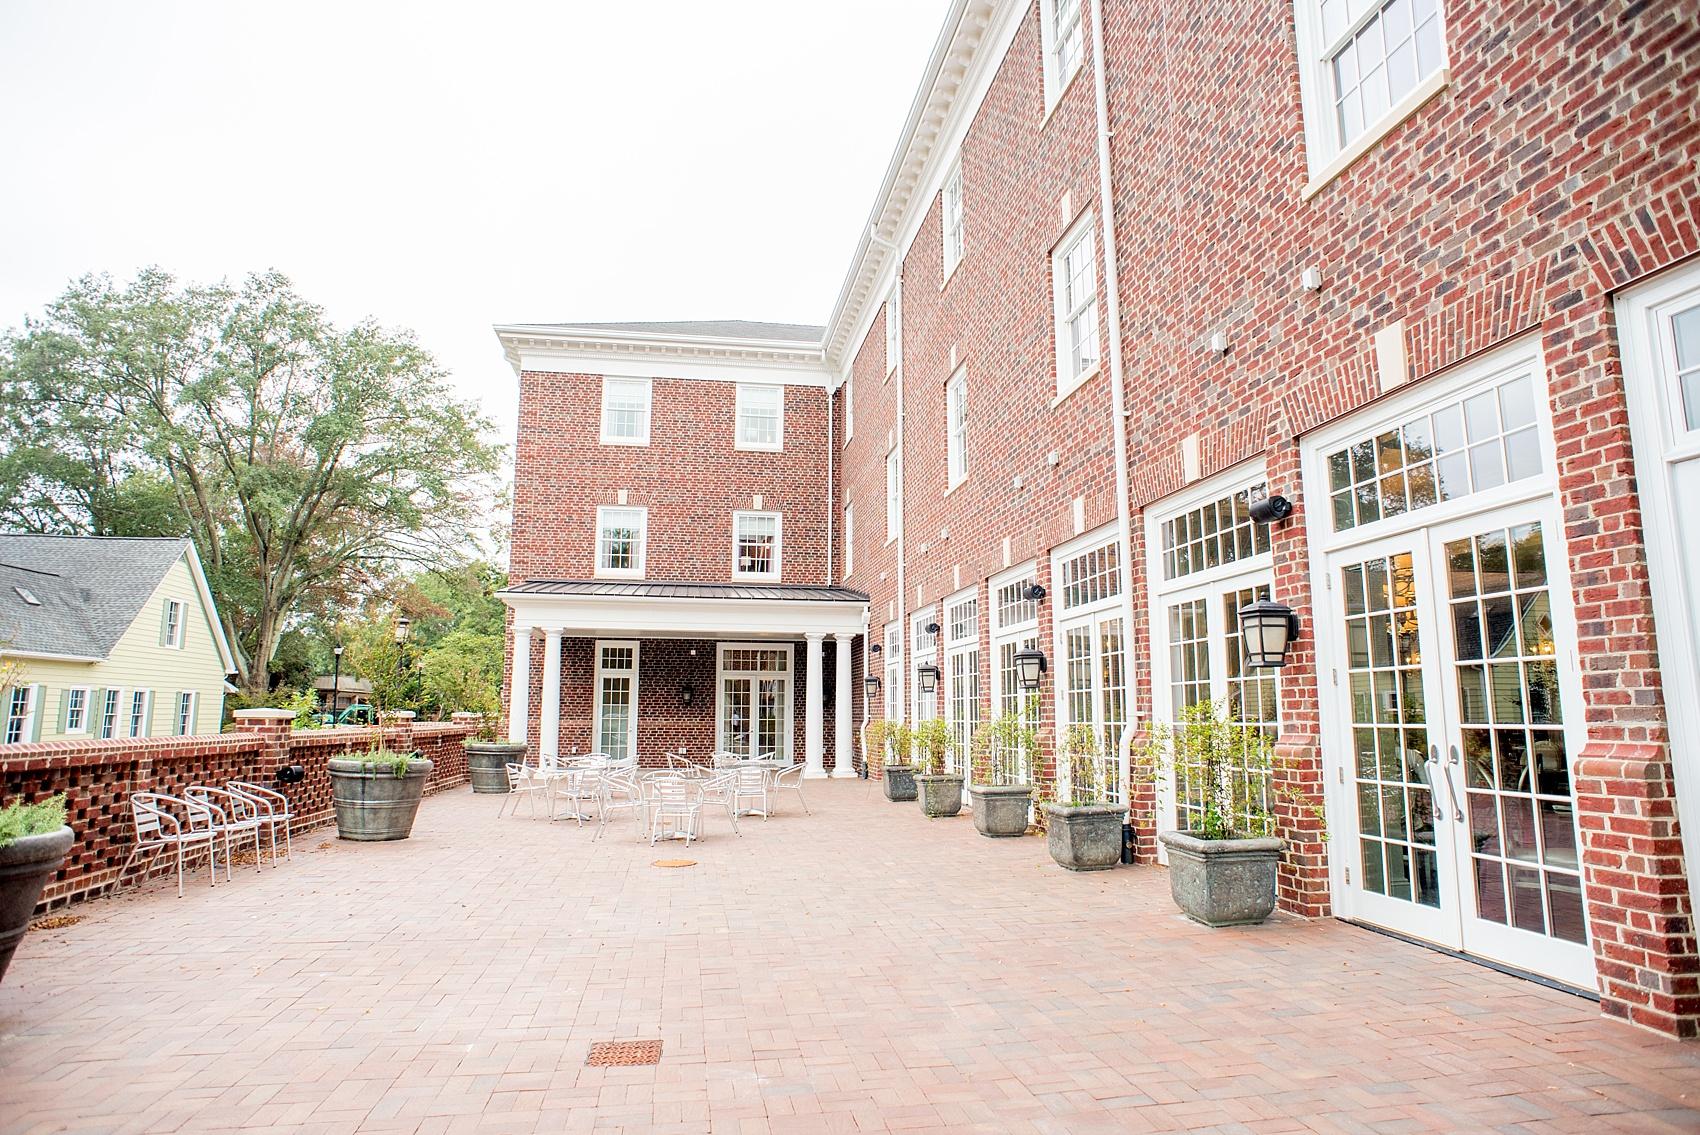 The Mayton Inn Cary Wedding Venue Photos Nyc Raleigh